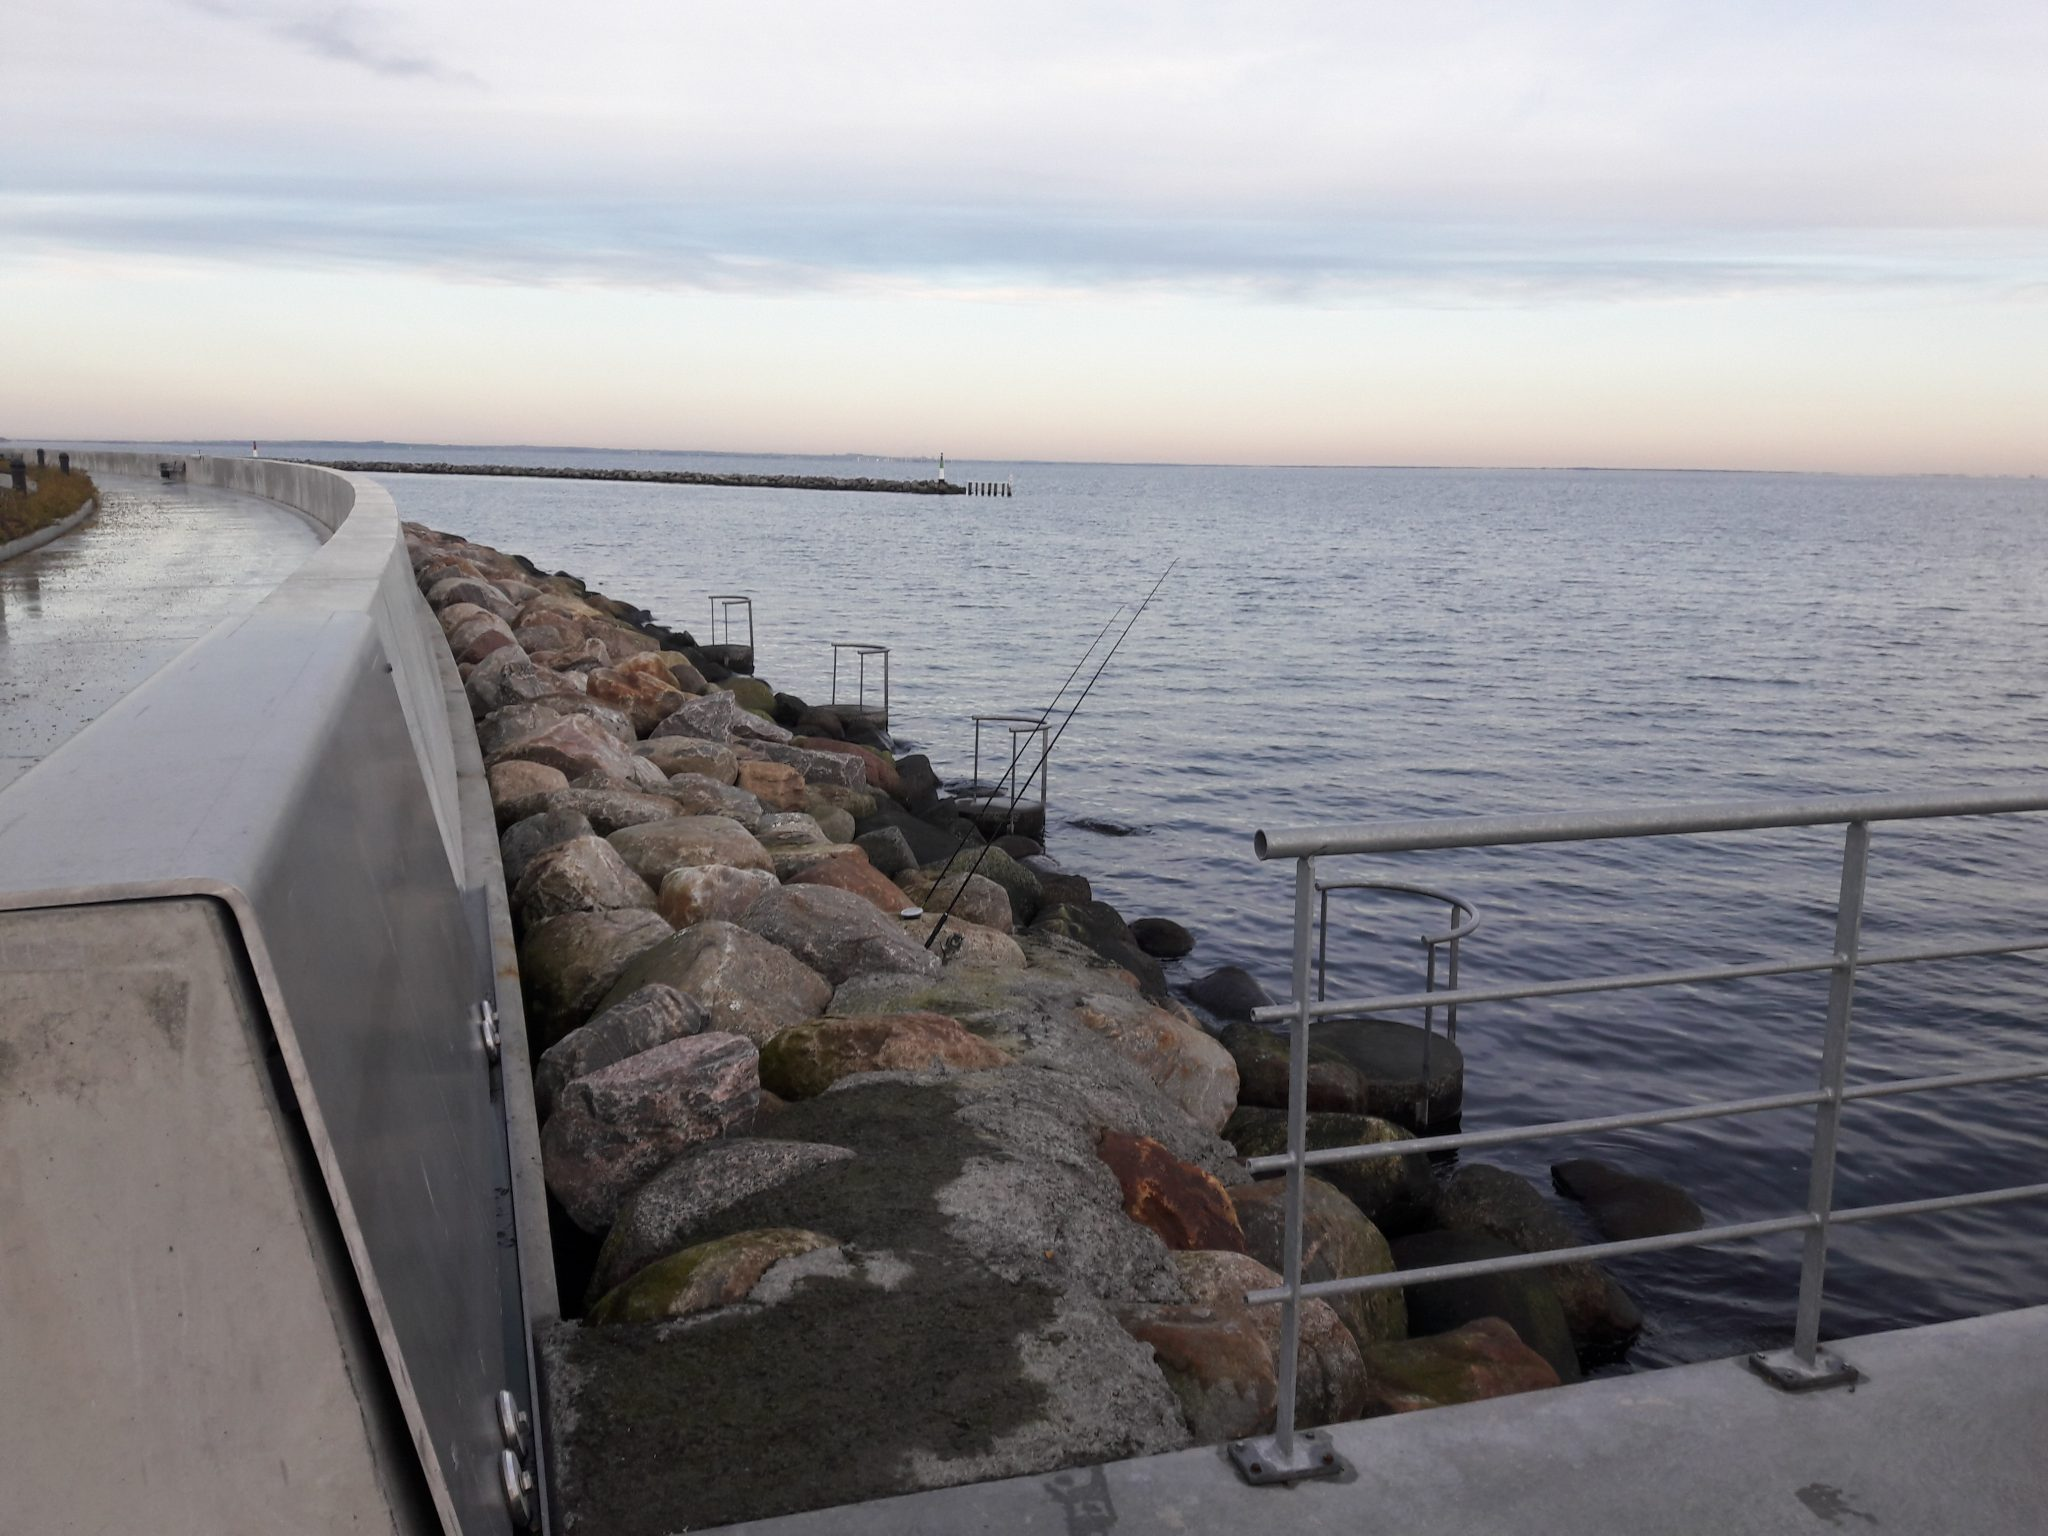 Skovshoved Havn fiskeri